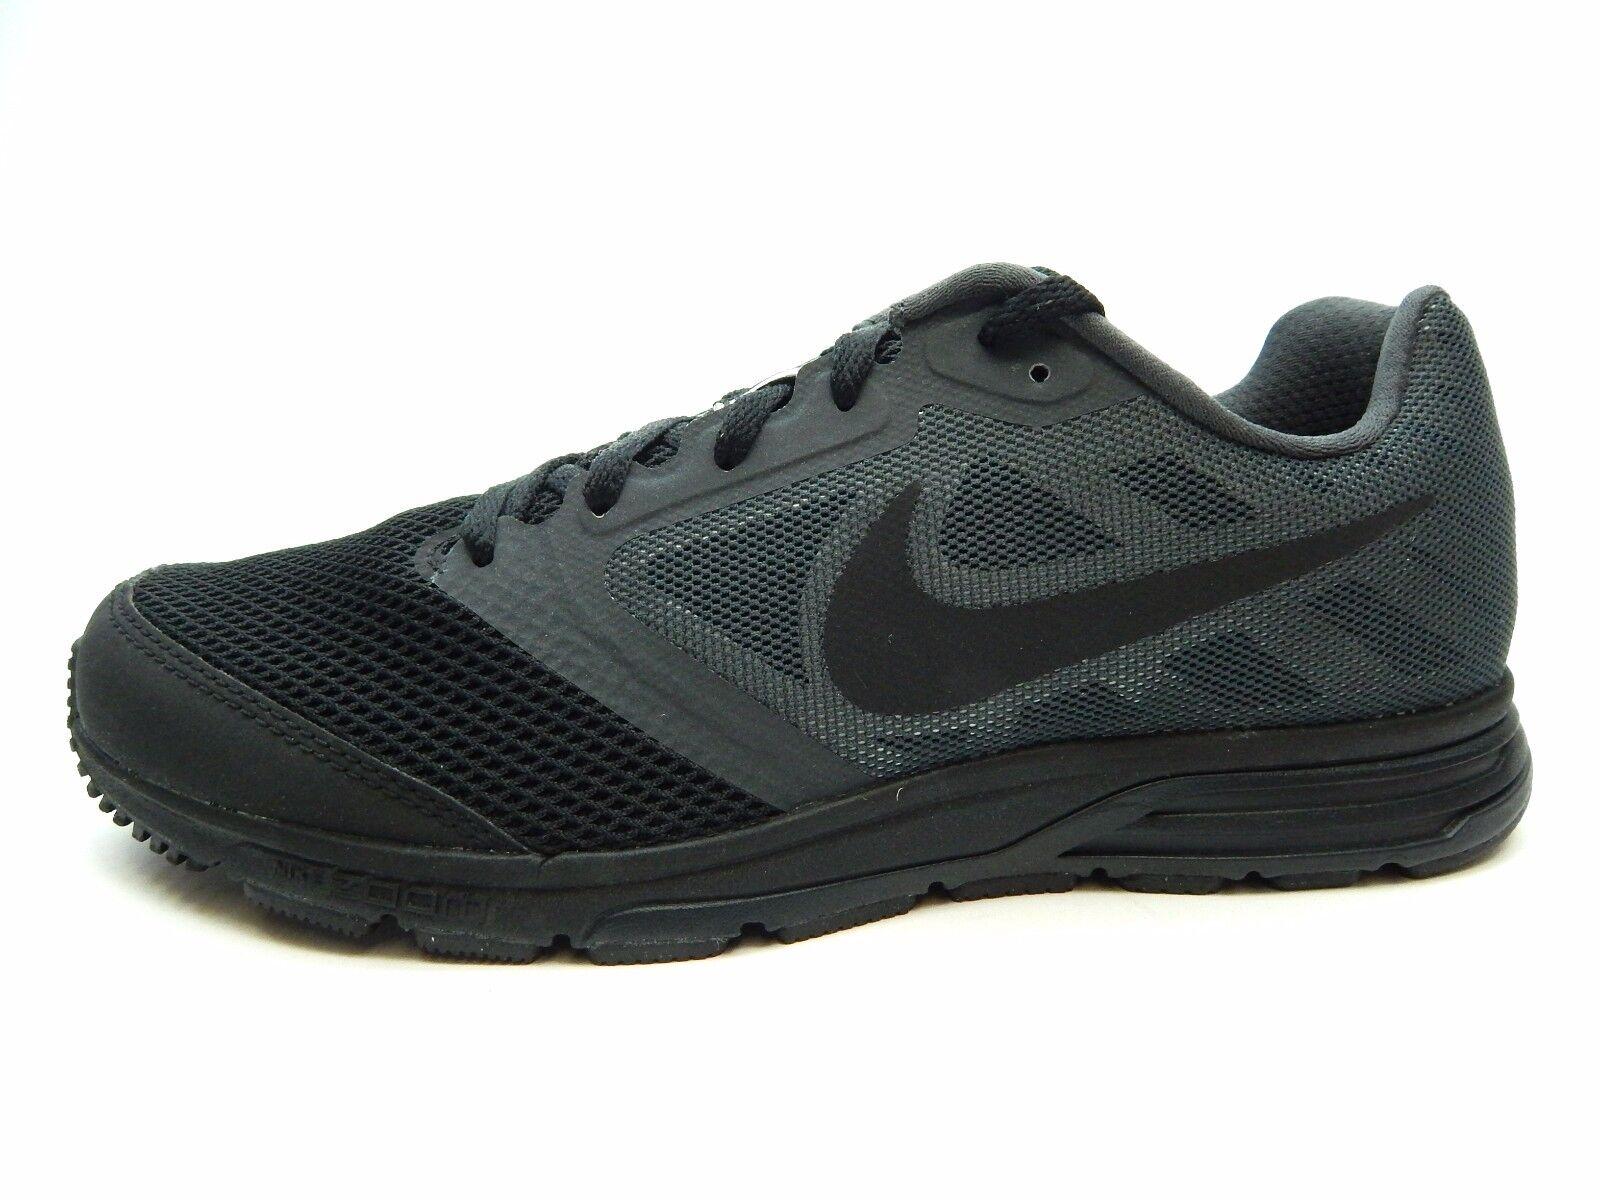 Nike zoom fliegen team 652828 001 schwarzen anthrazit männer schuhe größe 7,5 bis 9,5